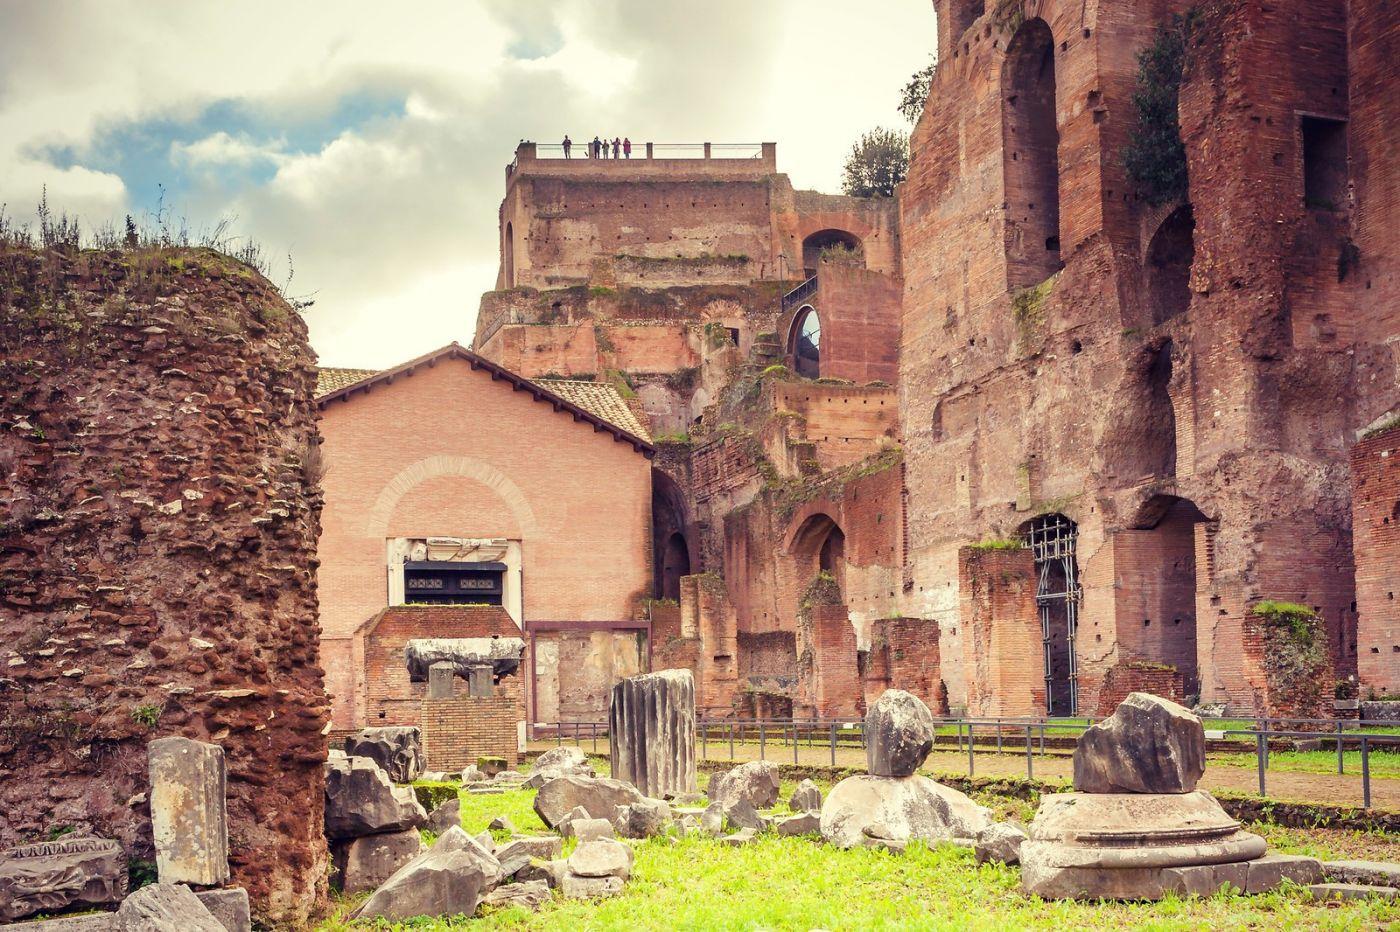 意大利罗马论坛,很敬佩_图1-38